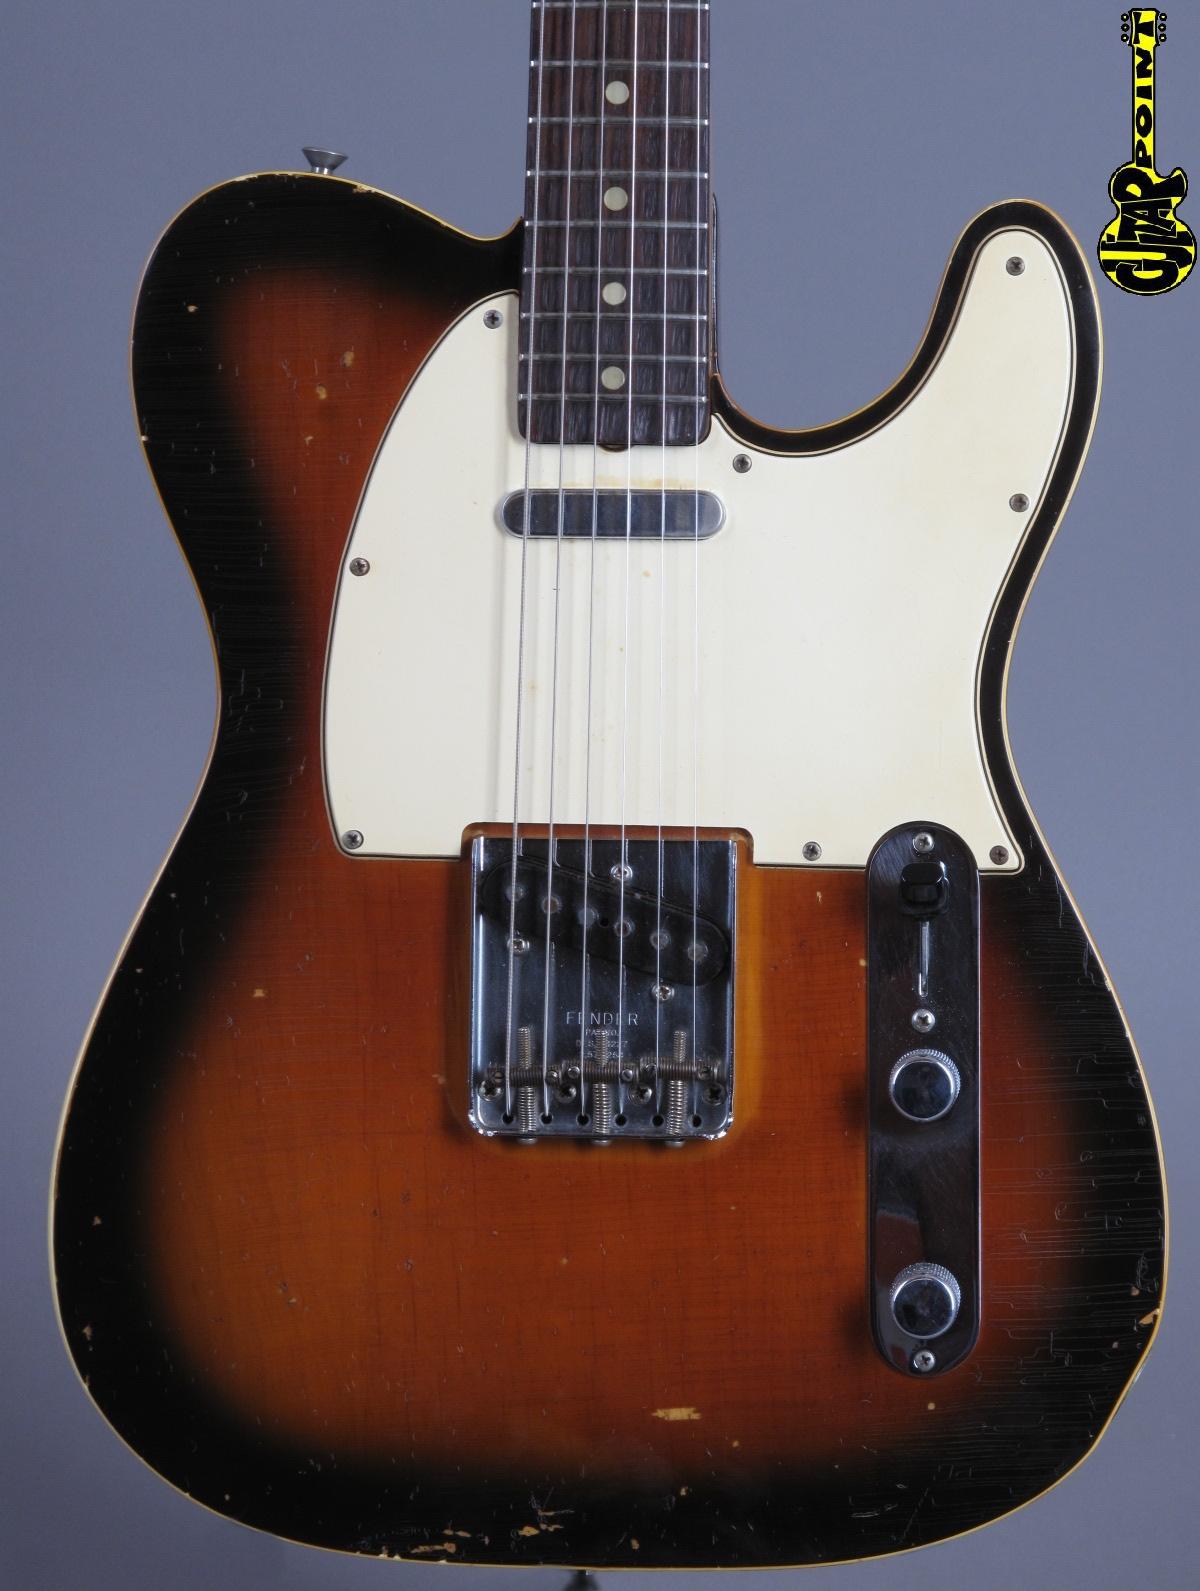 1967 Fender Telecaster Custom – 3-Tone Sunburst